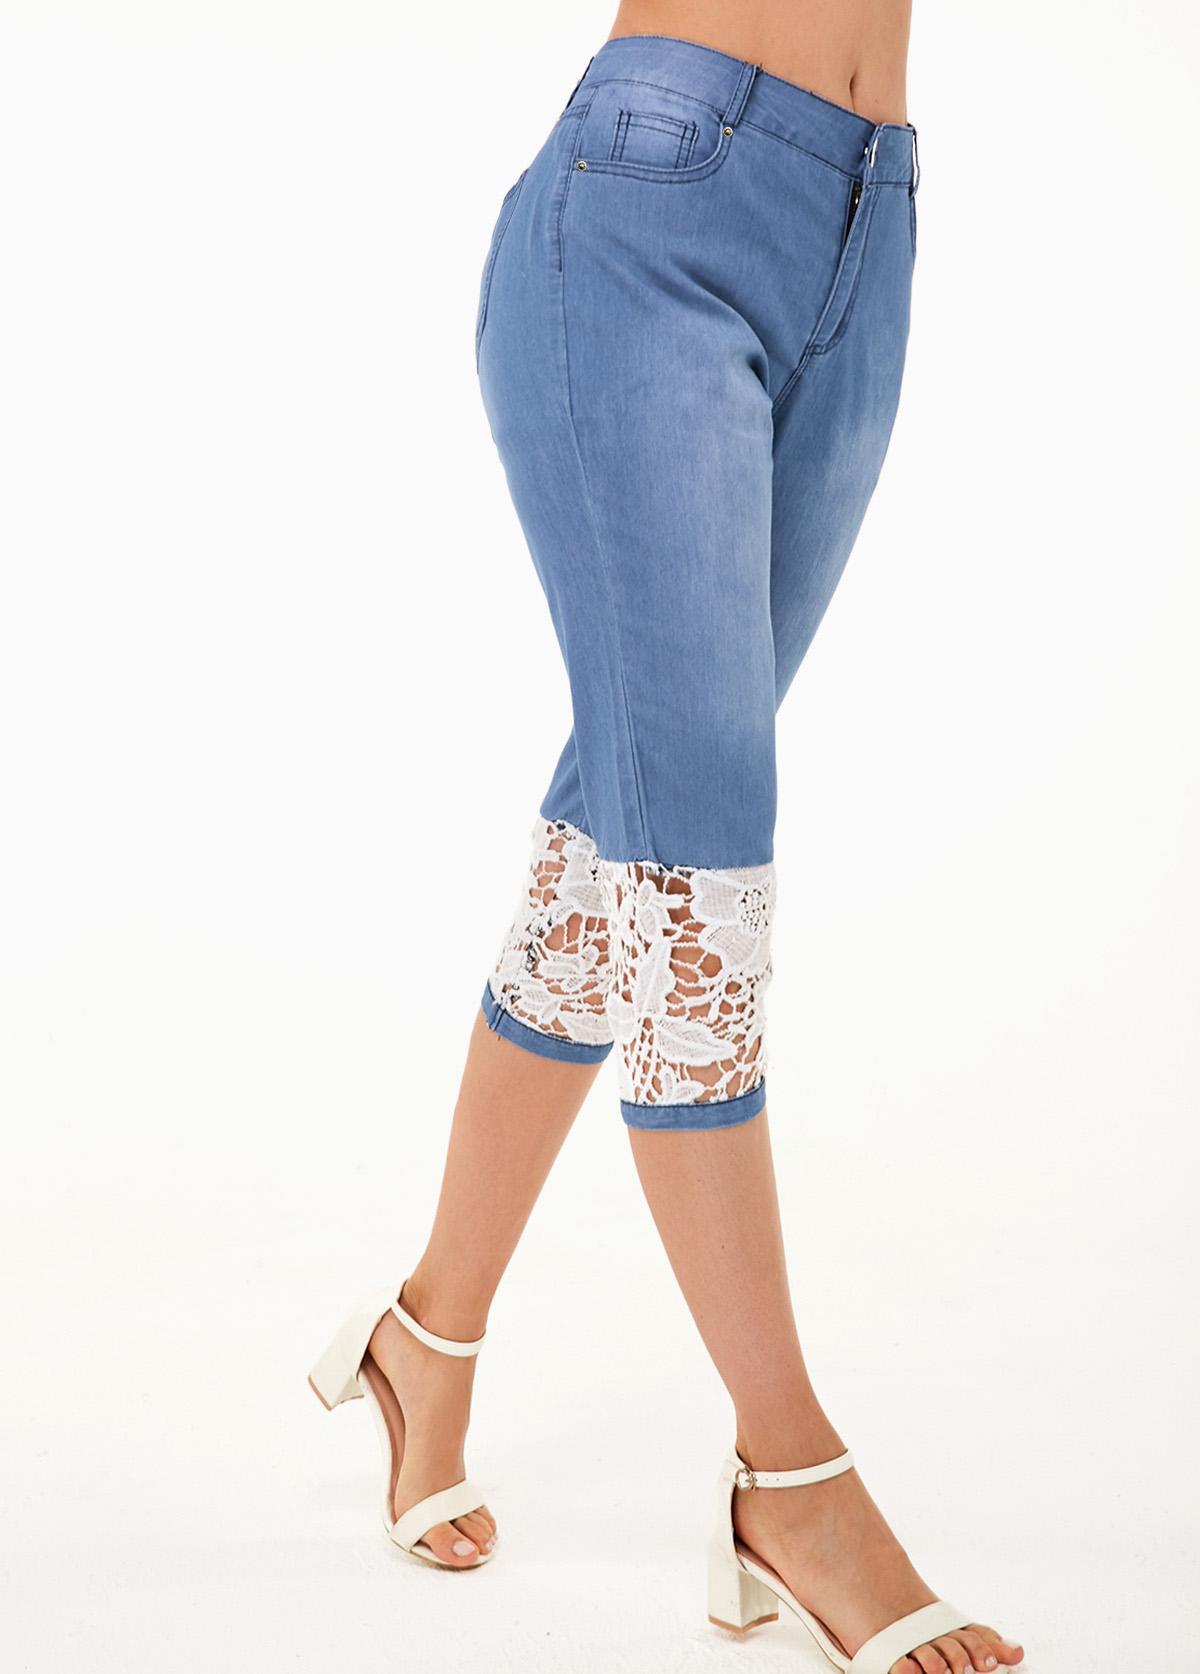 Lace Panel Contrast Design Denim Blue Jeans